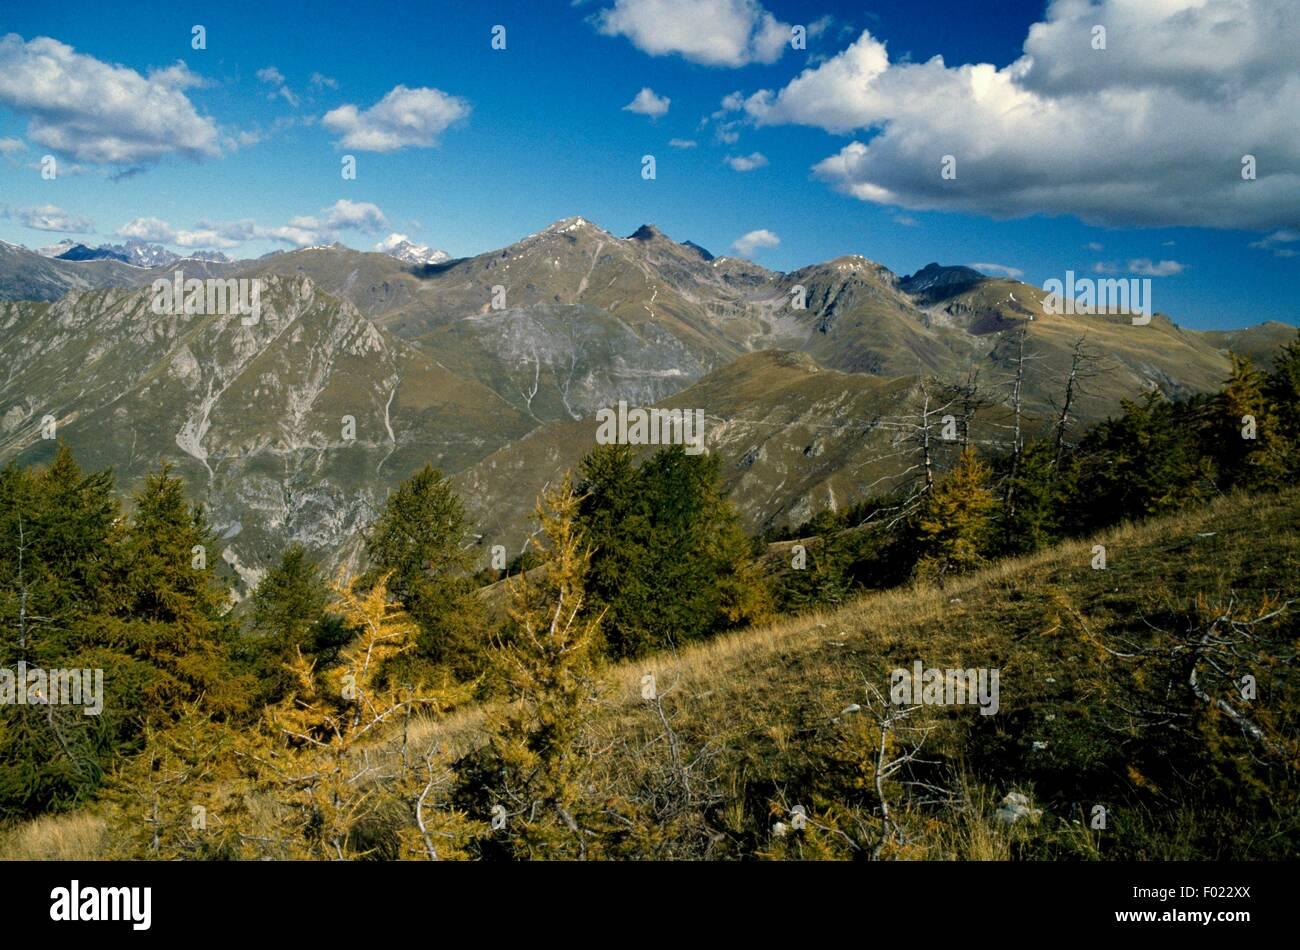 Landscape towards Pointe du Diable, Mercantour National Park (Parc National du Mercantour), France. - Stock Image